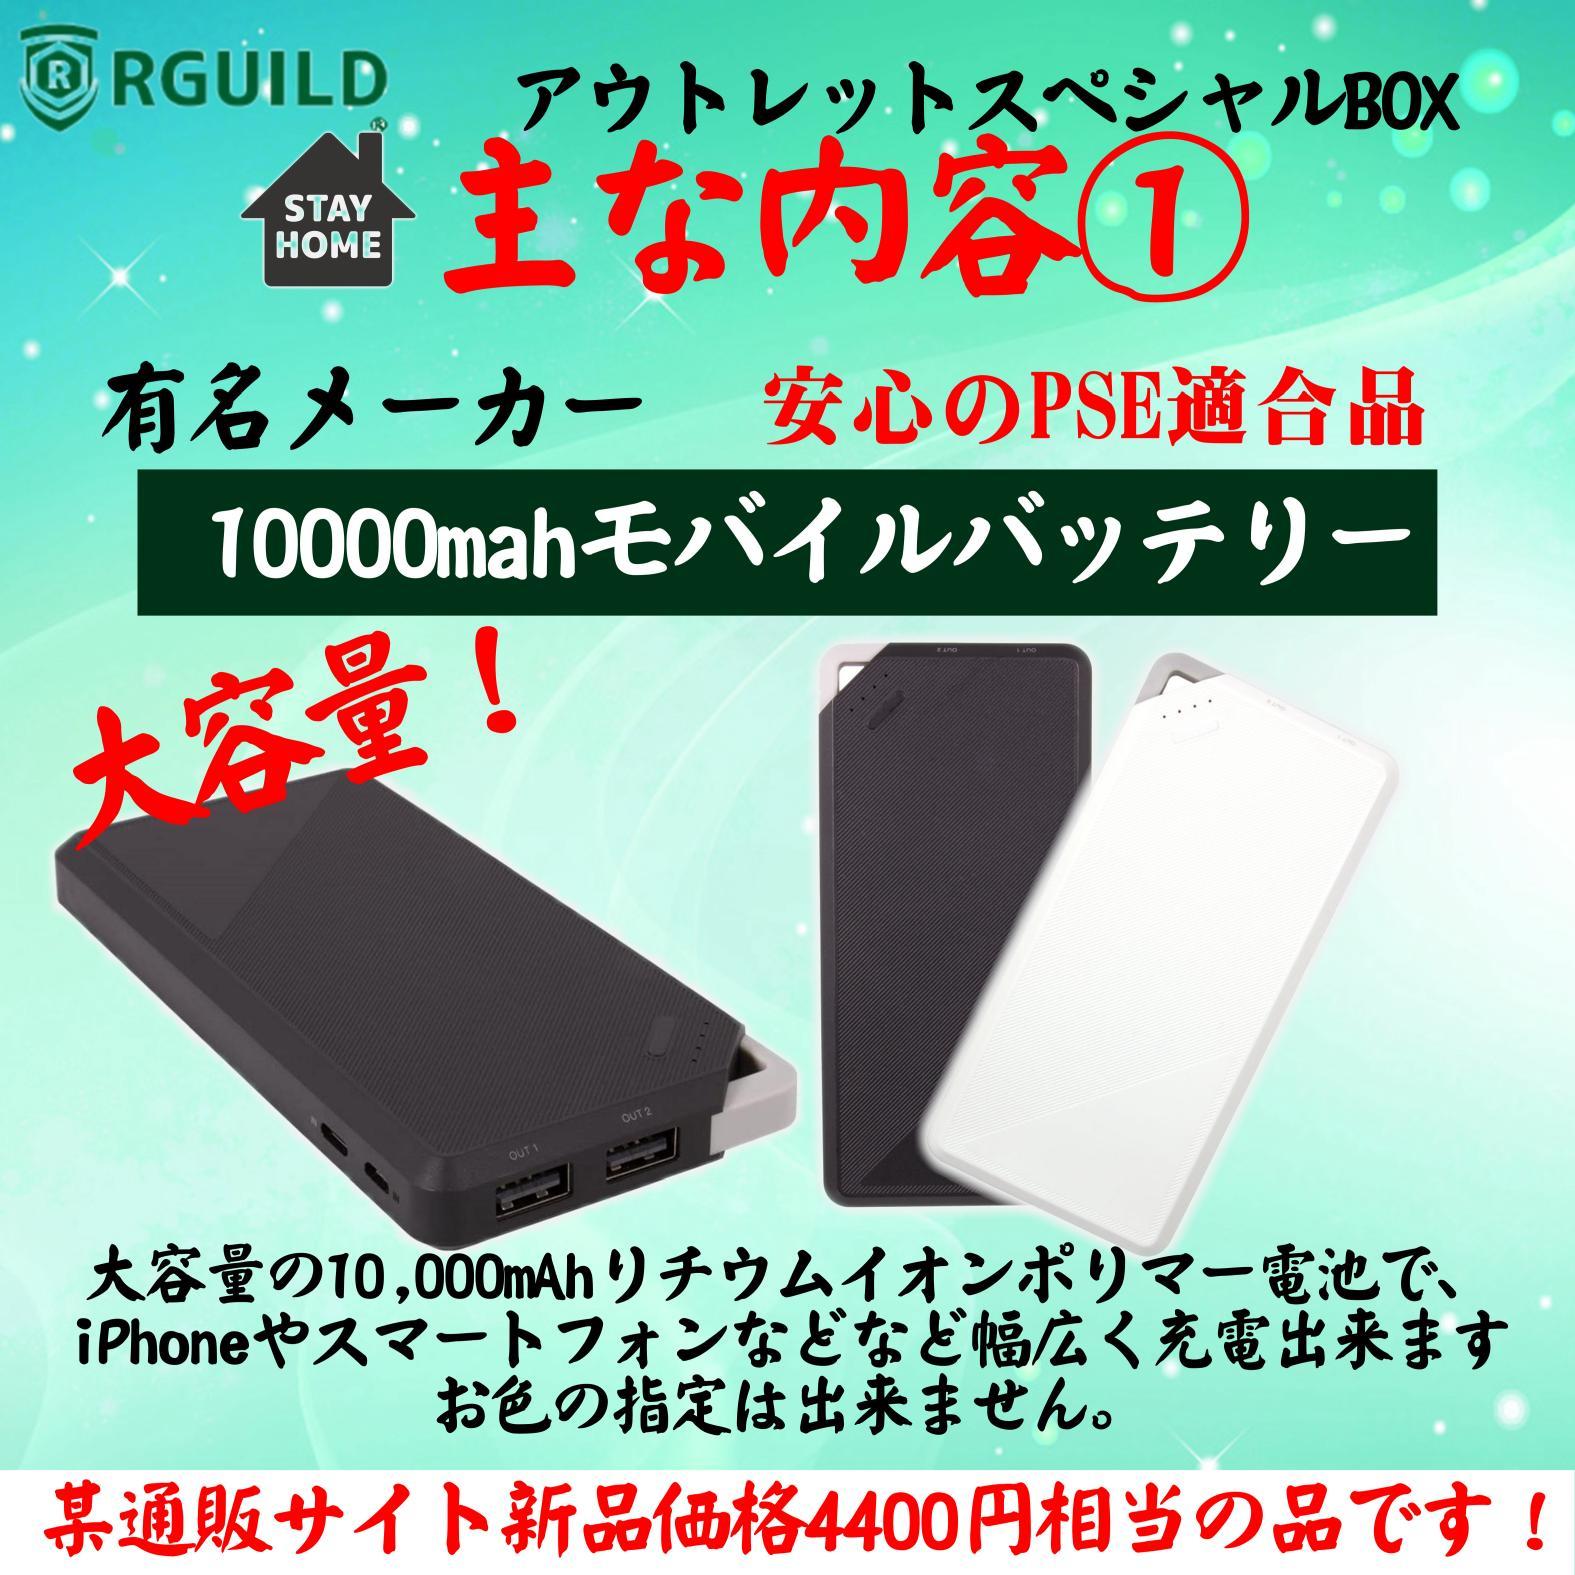 感染症対策応援BOX 抽選プレゼントあり!大容量10000mAhモバイルバッテリー・充電器付きiPhone アウトレット スマホアクセサリーBOX 6/6s/7/8/Se2/11/XR/XsMax